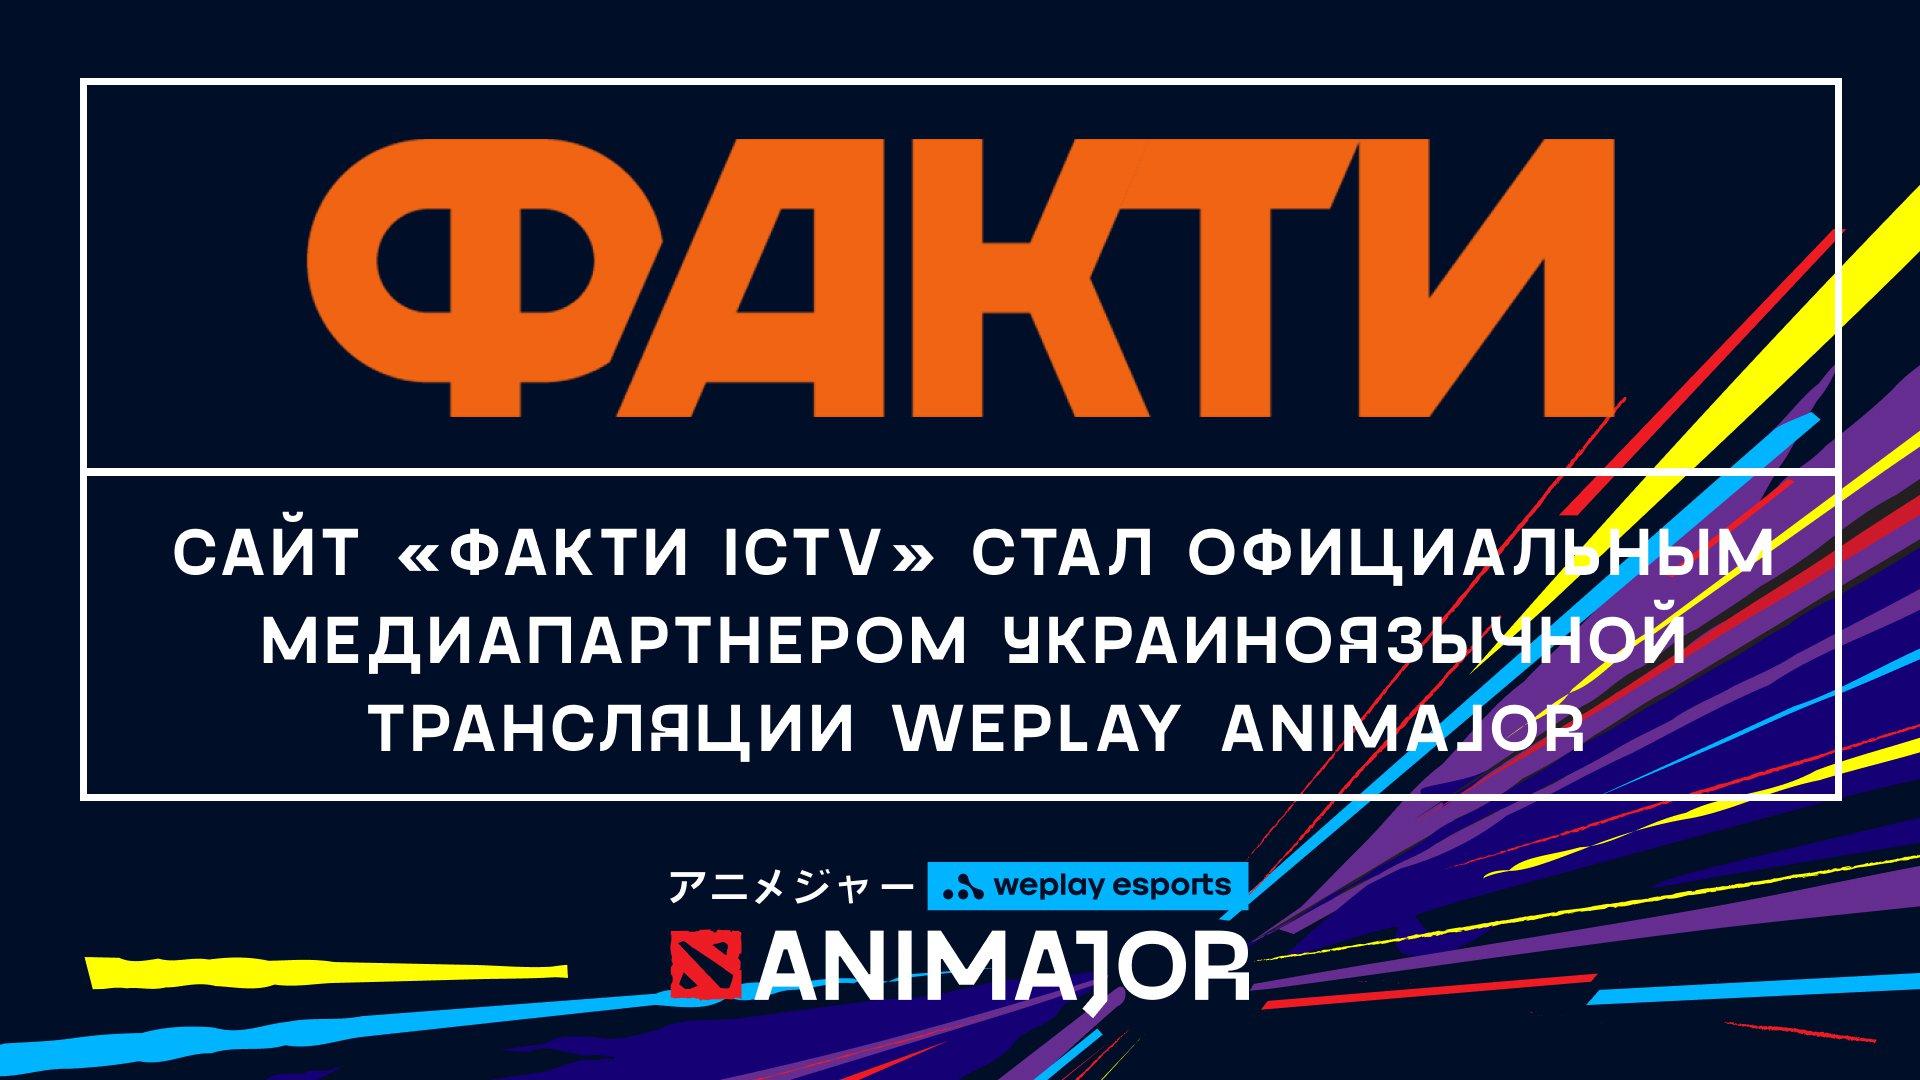 Сайт «Факти ICTV» стал официальным  медиапартнером украиноязычной трансляции WePlay AniMajor. Изображение: WePlay Holding